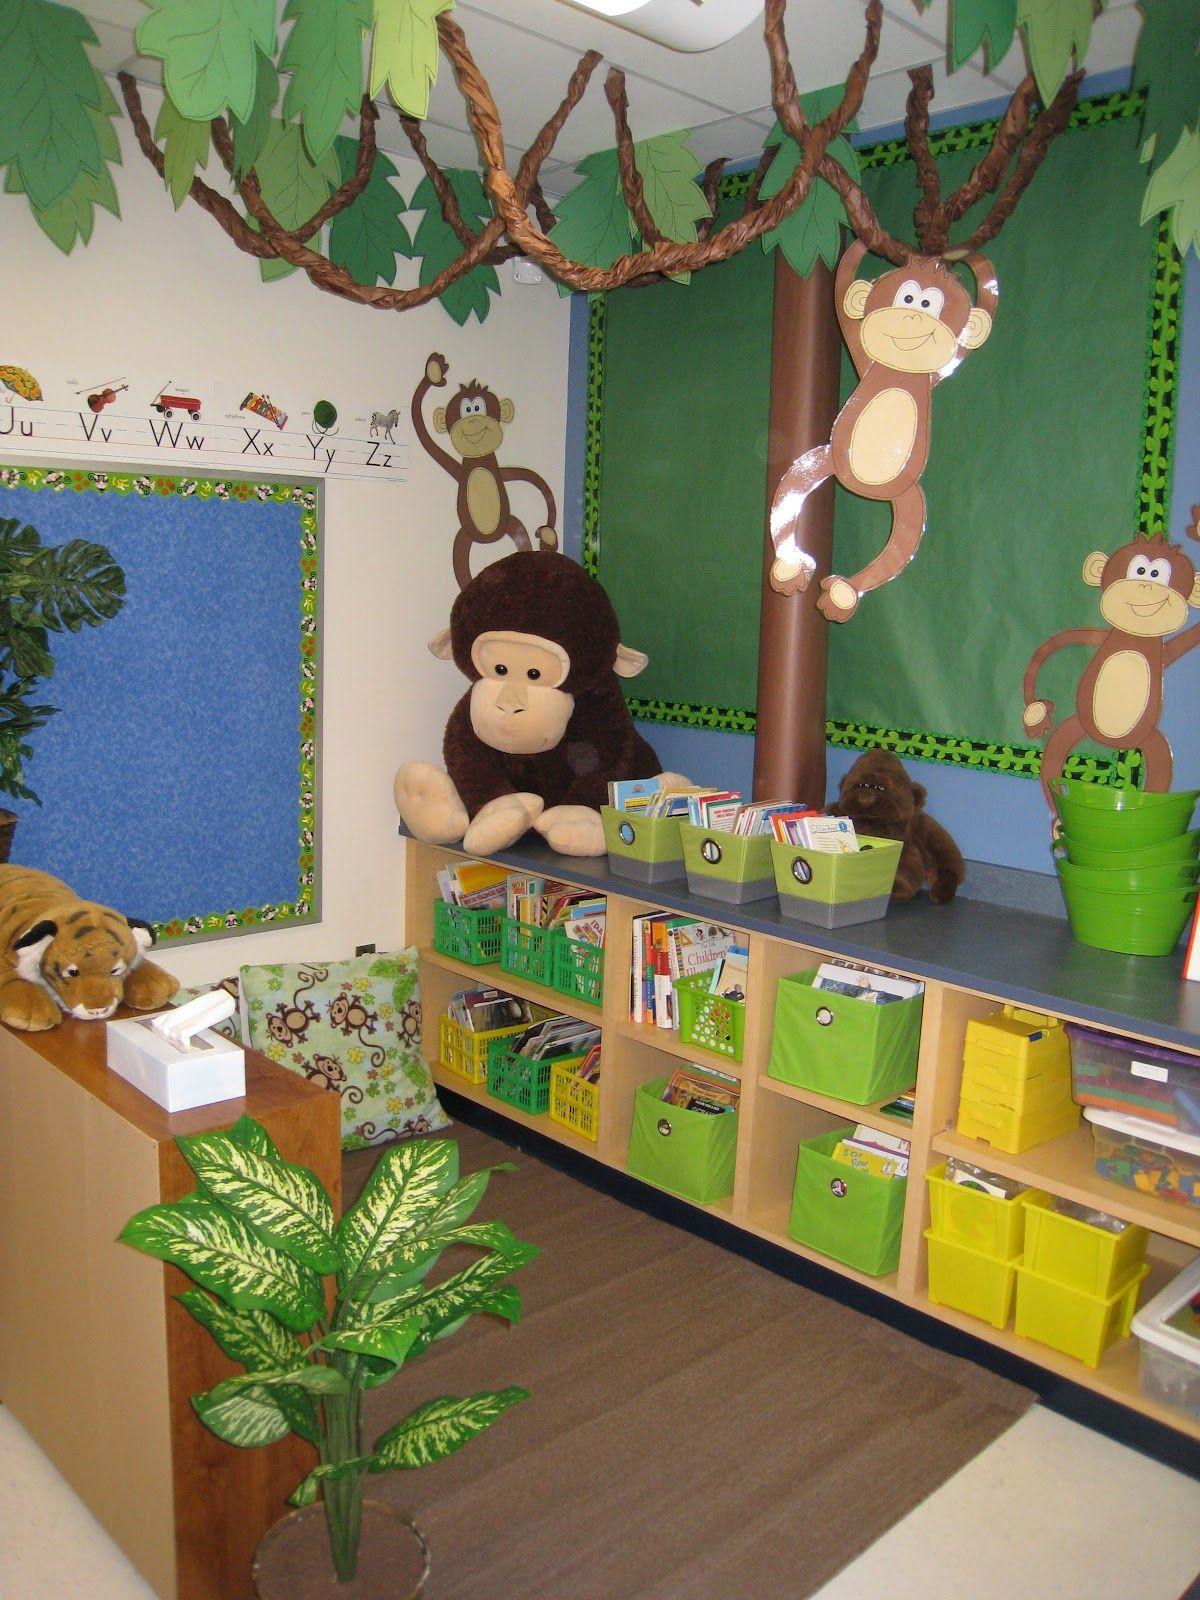 Relaterad Bild Fasching Thema Dschungel Wald Klassenzimmer